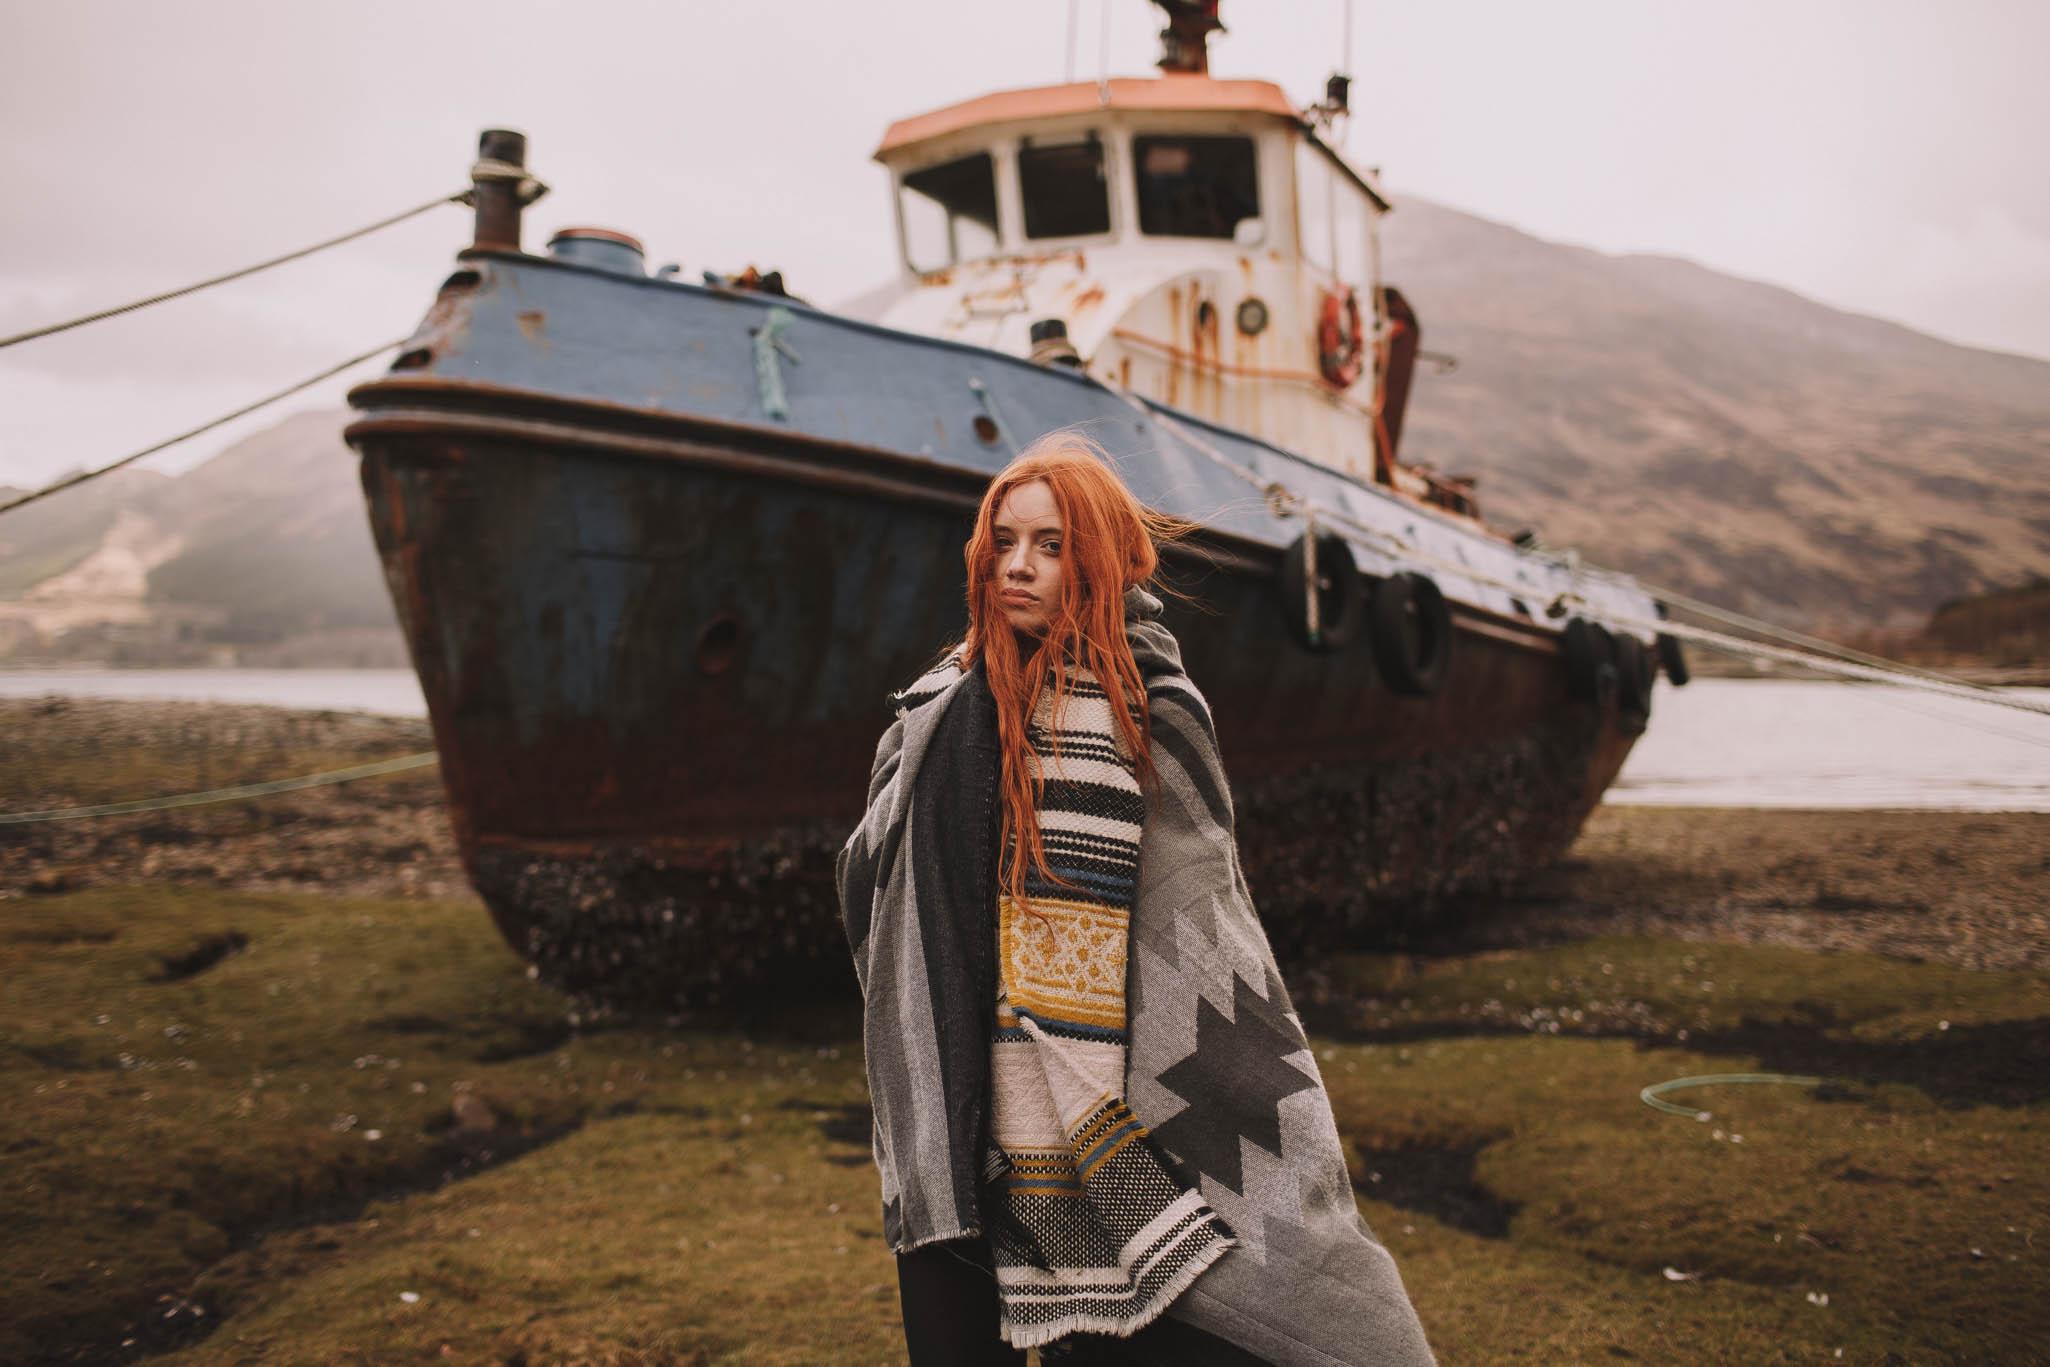 Scotland-wedding-photographer-jeremy-boyer-photographe-mariage-ecosse-voyage-road-trip-travel-43.jpg